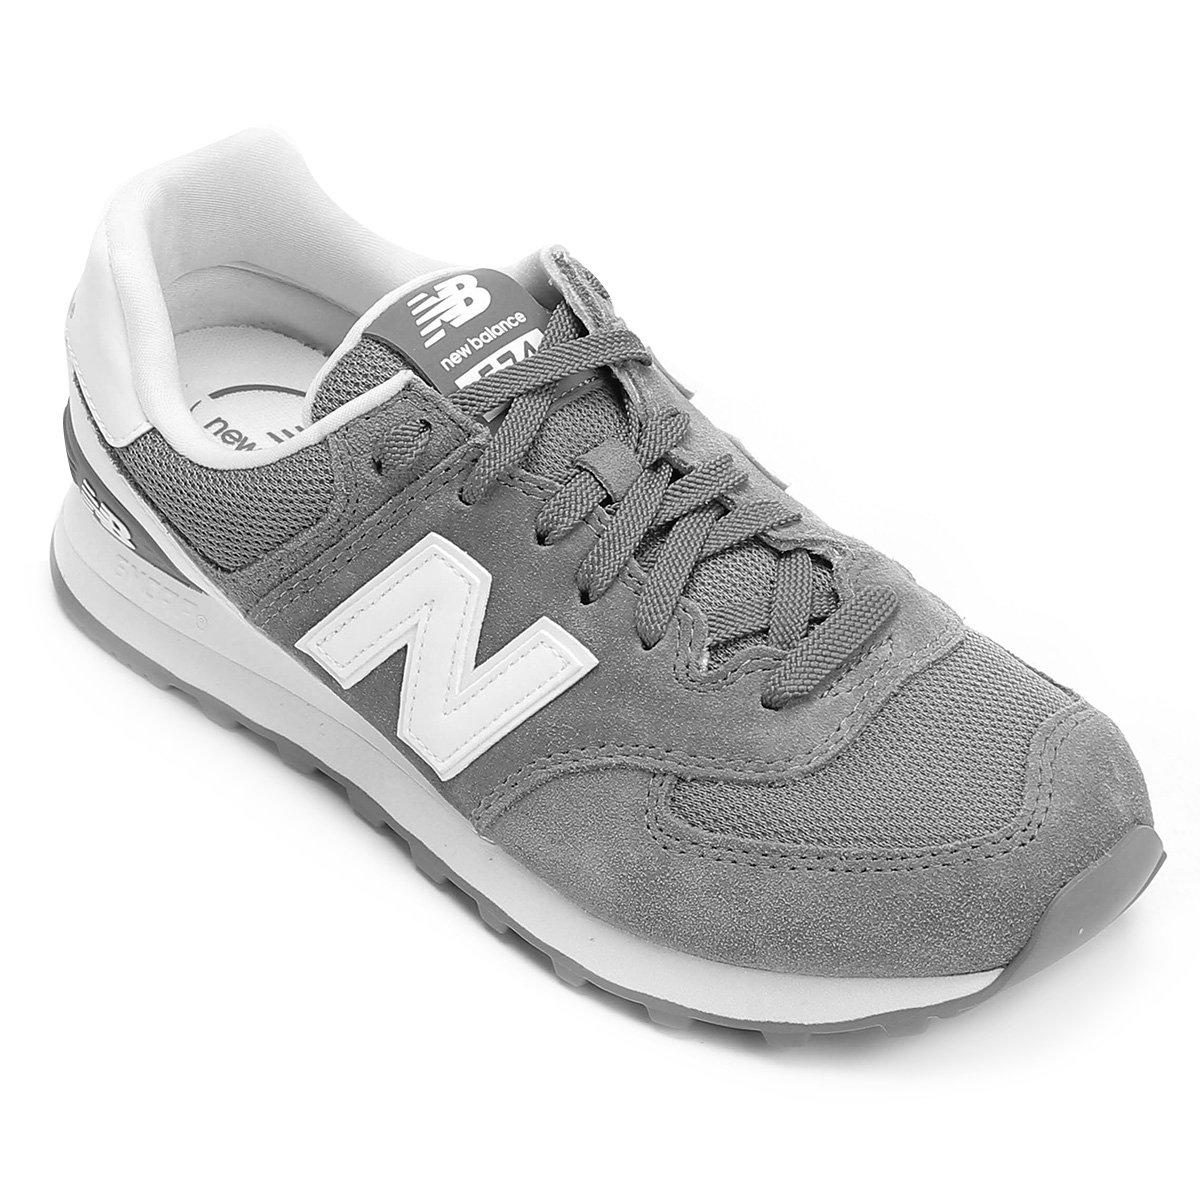 1ed5be3d0914 Tênis Couro New Balance 574 Cny - Hi Viz Masculino - Compre Agora ...